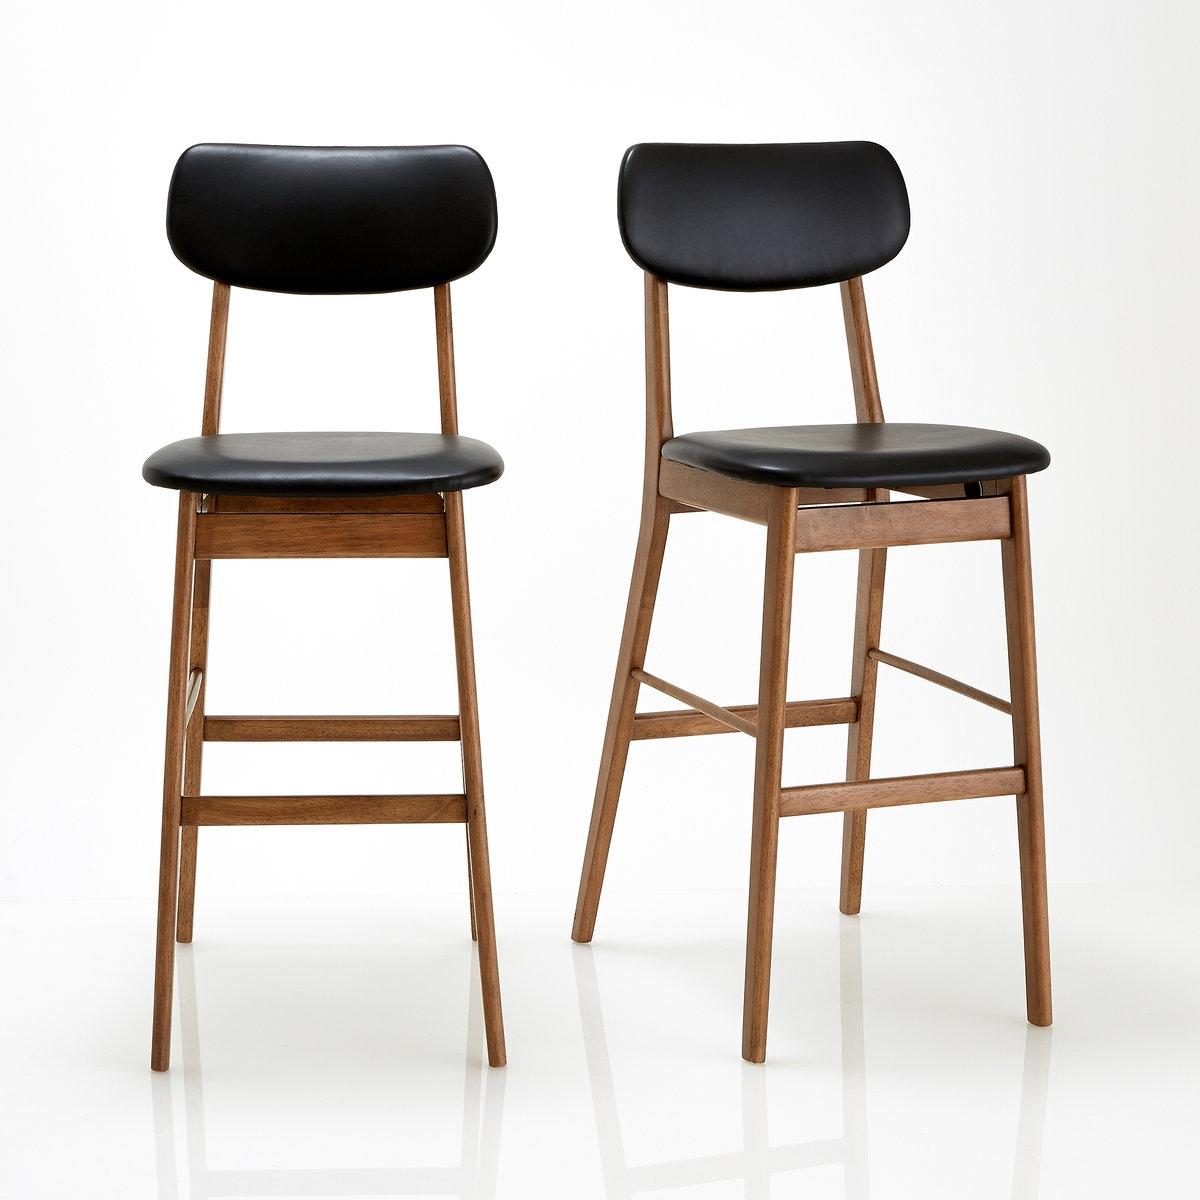 2 стула барных, WATFORD2 стула в винтажном стиле  Watford. Благодаря своему лёгкому силуэту и графичному стилю эти барные стулья Watford будут к месту как на кухне, так и в кабинете.Характеристики барного стула Watford :Основа из гевеи с ореховым покрытием и нитроцеллюлозной лакировкой.Набивные сиденье и спинка с наполнителем из пенополиэфира, обитые искусственной кожей из полиуретана чёрного цвета .Для оптимального качества и устойчивости рекомендуется надежно затянуть болты. Найдите другие стулья и мебель из коллекции Watford на нашем сайте laredoute.ruРазмеры барного стула Watford :Общие :Ширина : 44,5 см.Высота : 110 см.Глубина : 61 см.Сиденье :Д44 x В76 x Г45 смРазмеры и вес ящика :1 упаковка на 2 стула Ш120 x В28 x Г50 см, 17 кгДоставка на дом :Барные стулья Watford продаются в разобранном виде. Возможна доставка до квартиры по предварительному согласованию !Внимание ! Убедитесь, что дверные, лестничные и лифтовые проемы позволяют осущетвить доставку коробки таких габаритов.<br><br>Цвет: черный